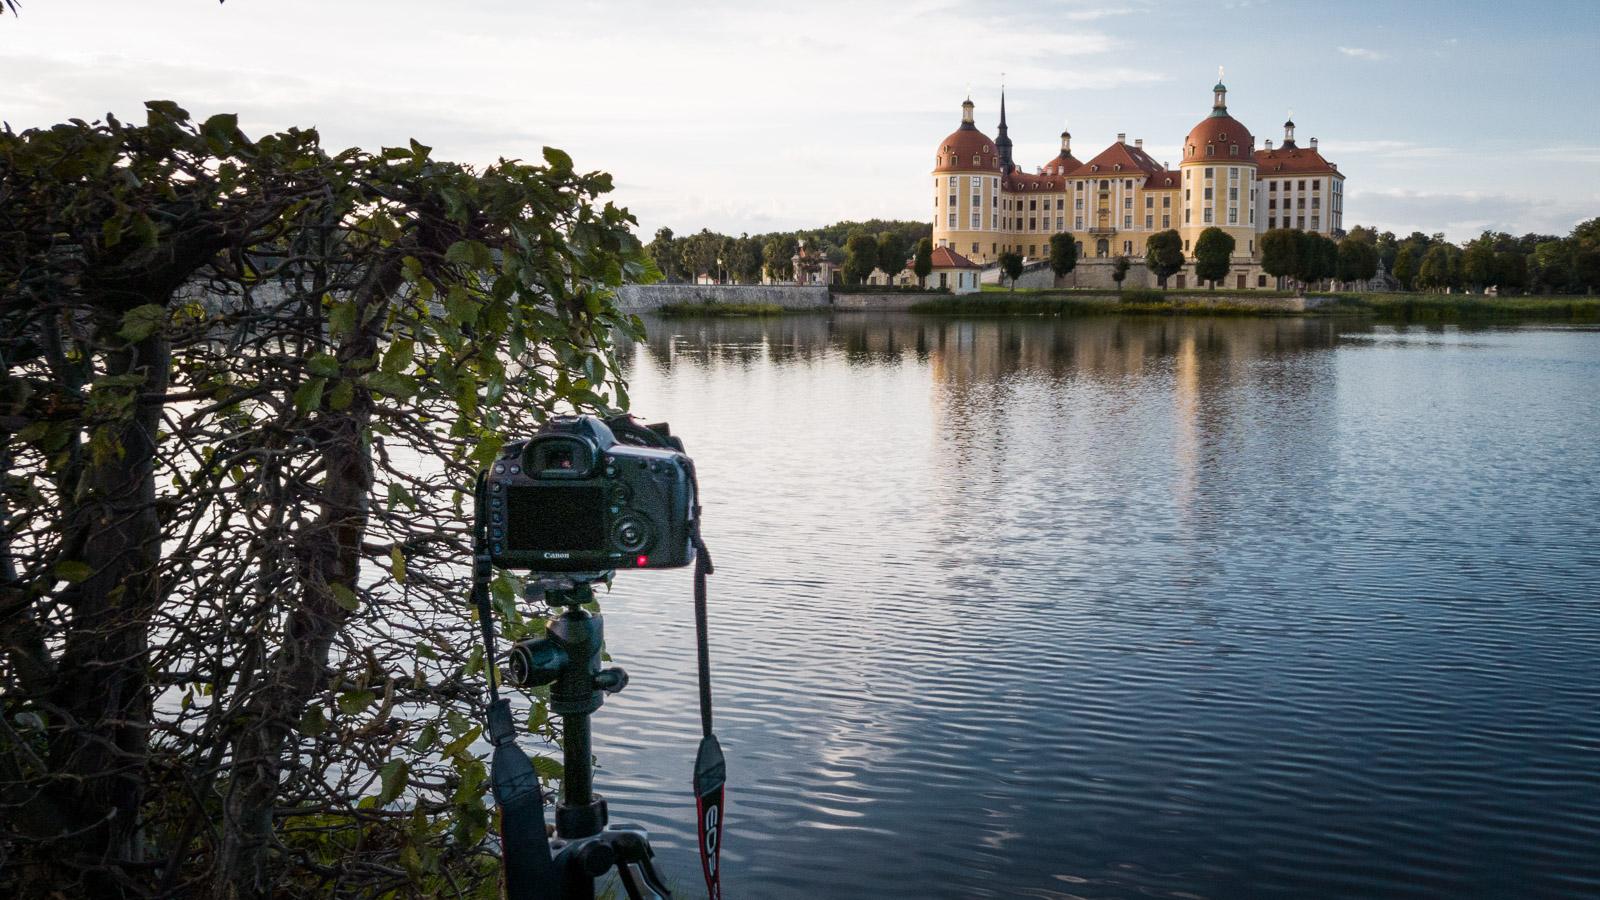 Eine Kamera auf einem Stativ macht ein Foto von Schloss Moritzburg